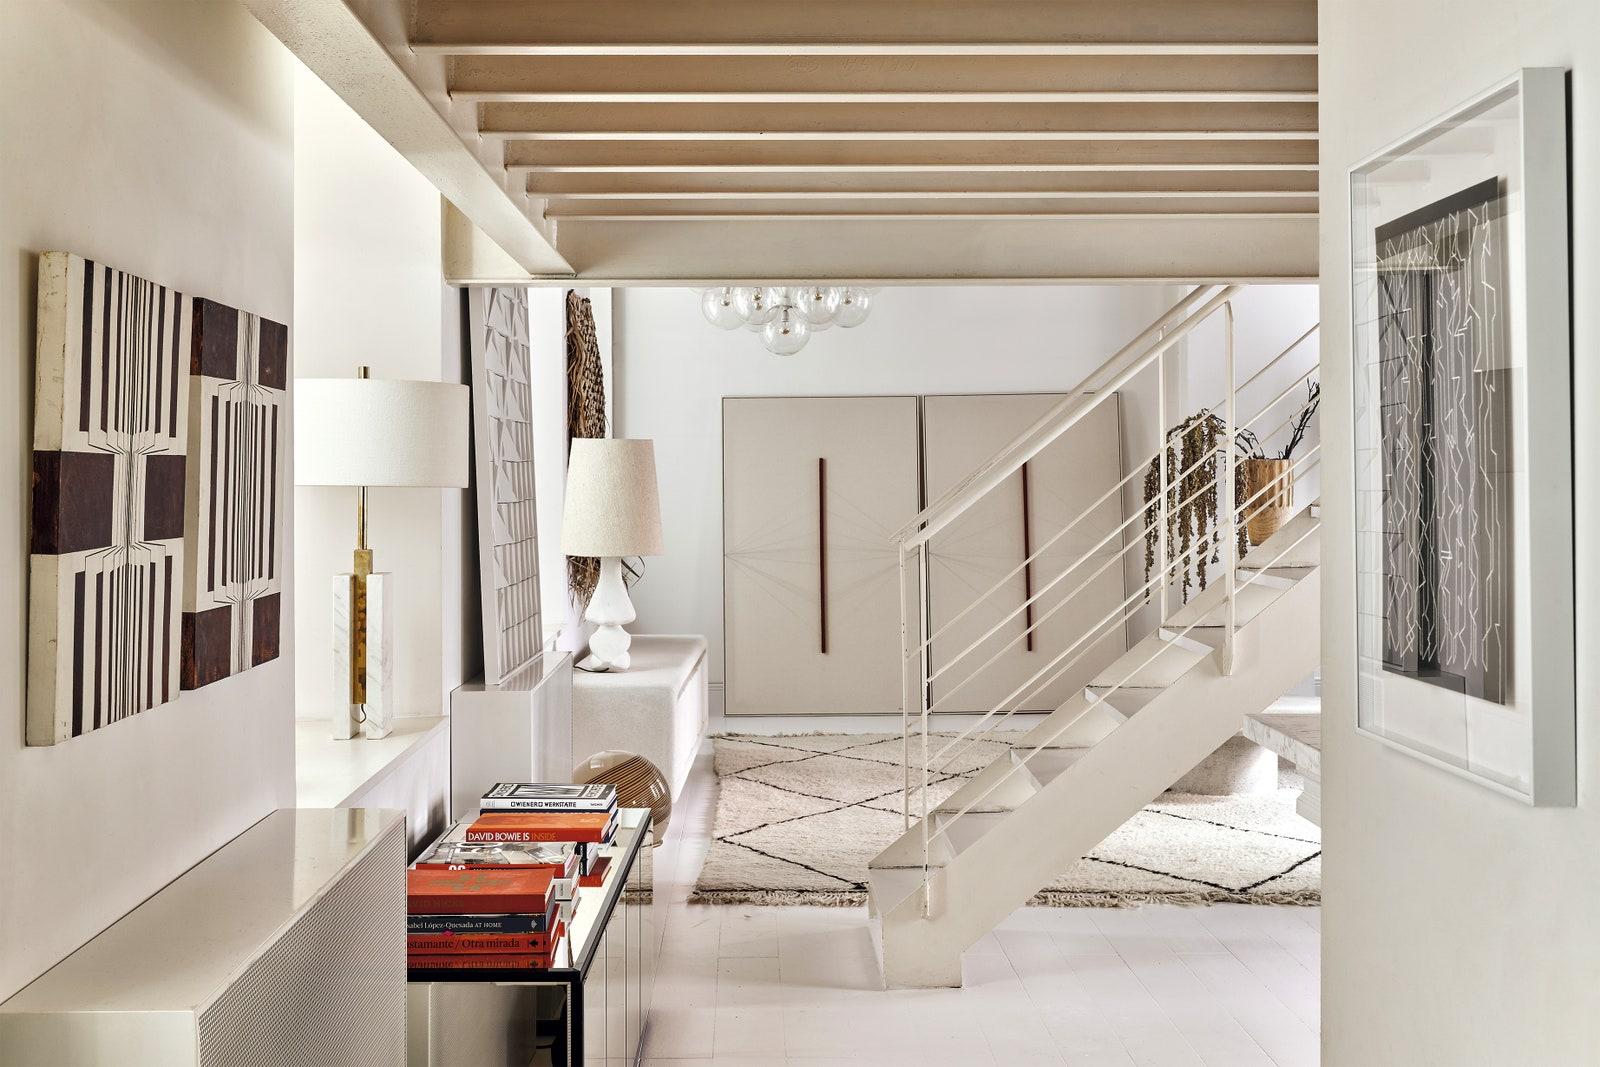 este_verano_practica_nesting_decoración_interiores_lifestyle_consejos-04